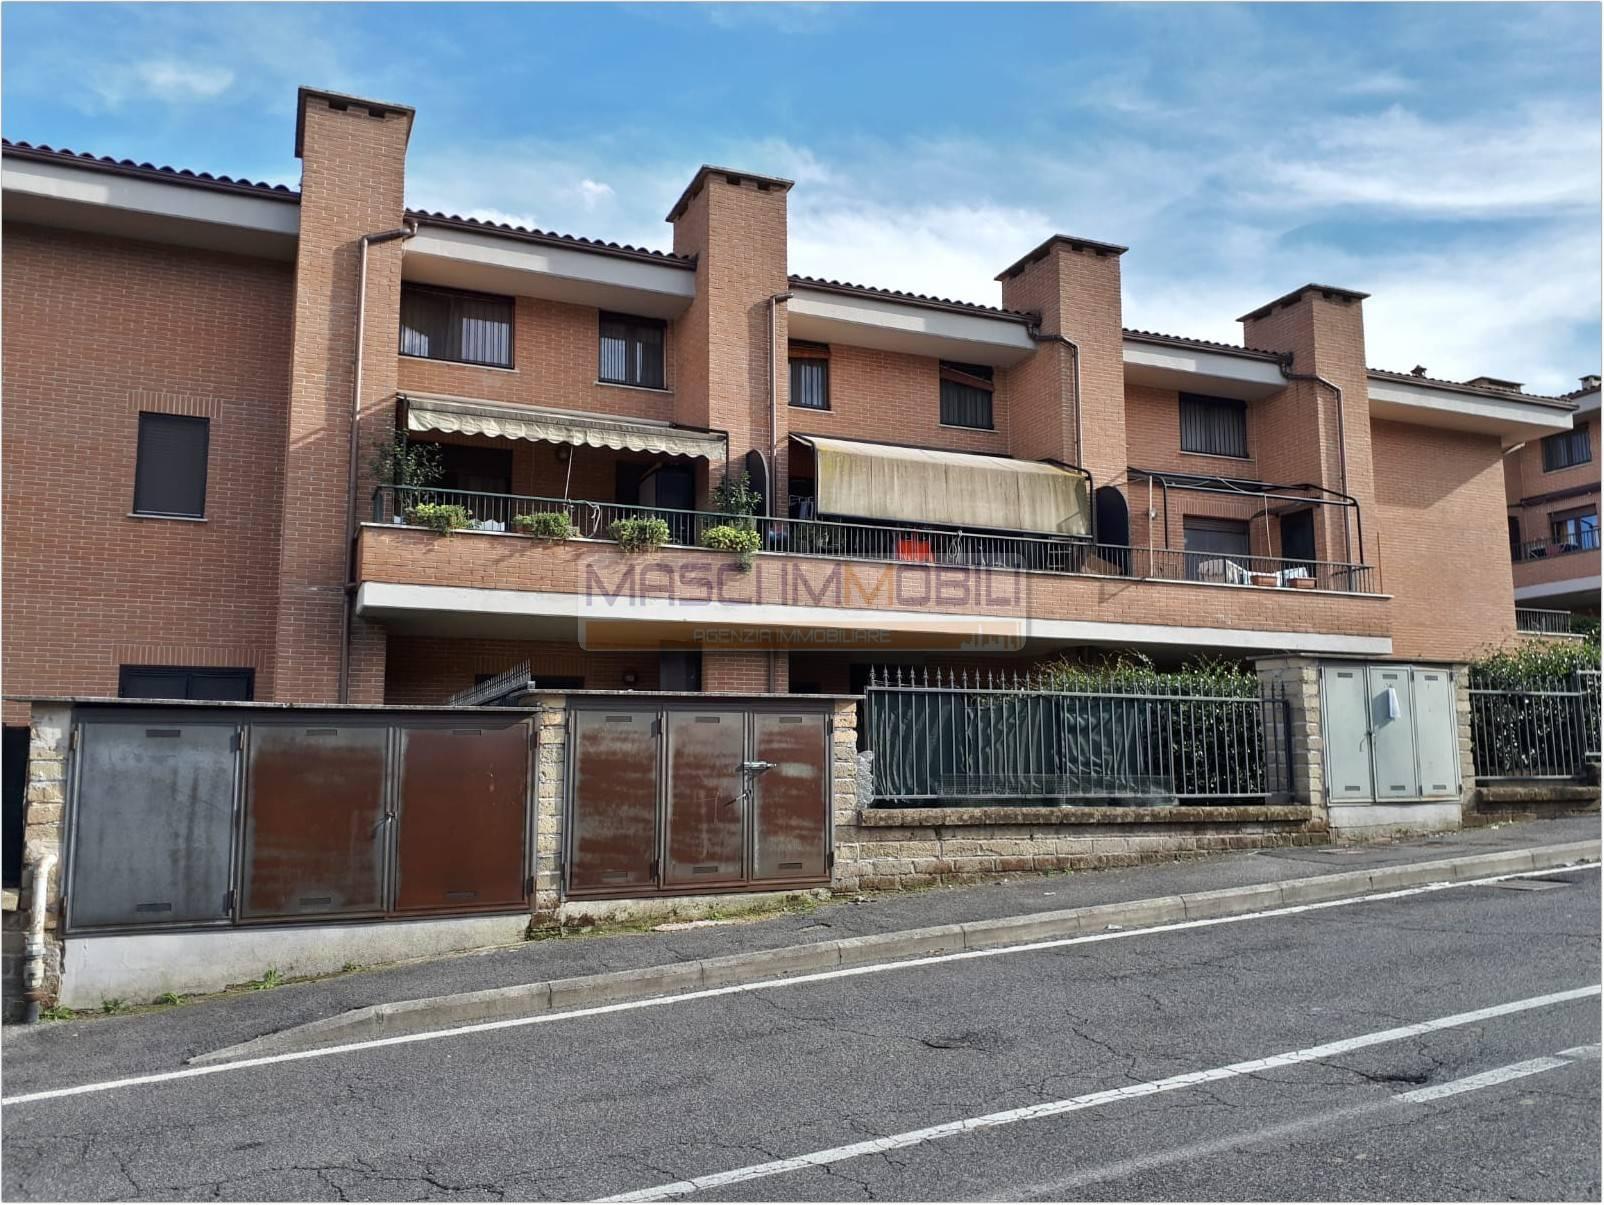 Appartamento in vendita a Fiano Romano, 3 locali, prezzo € 99.000   PortaleAgenzieImmobiliari.it